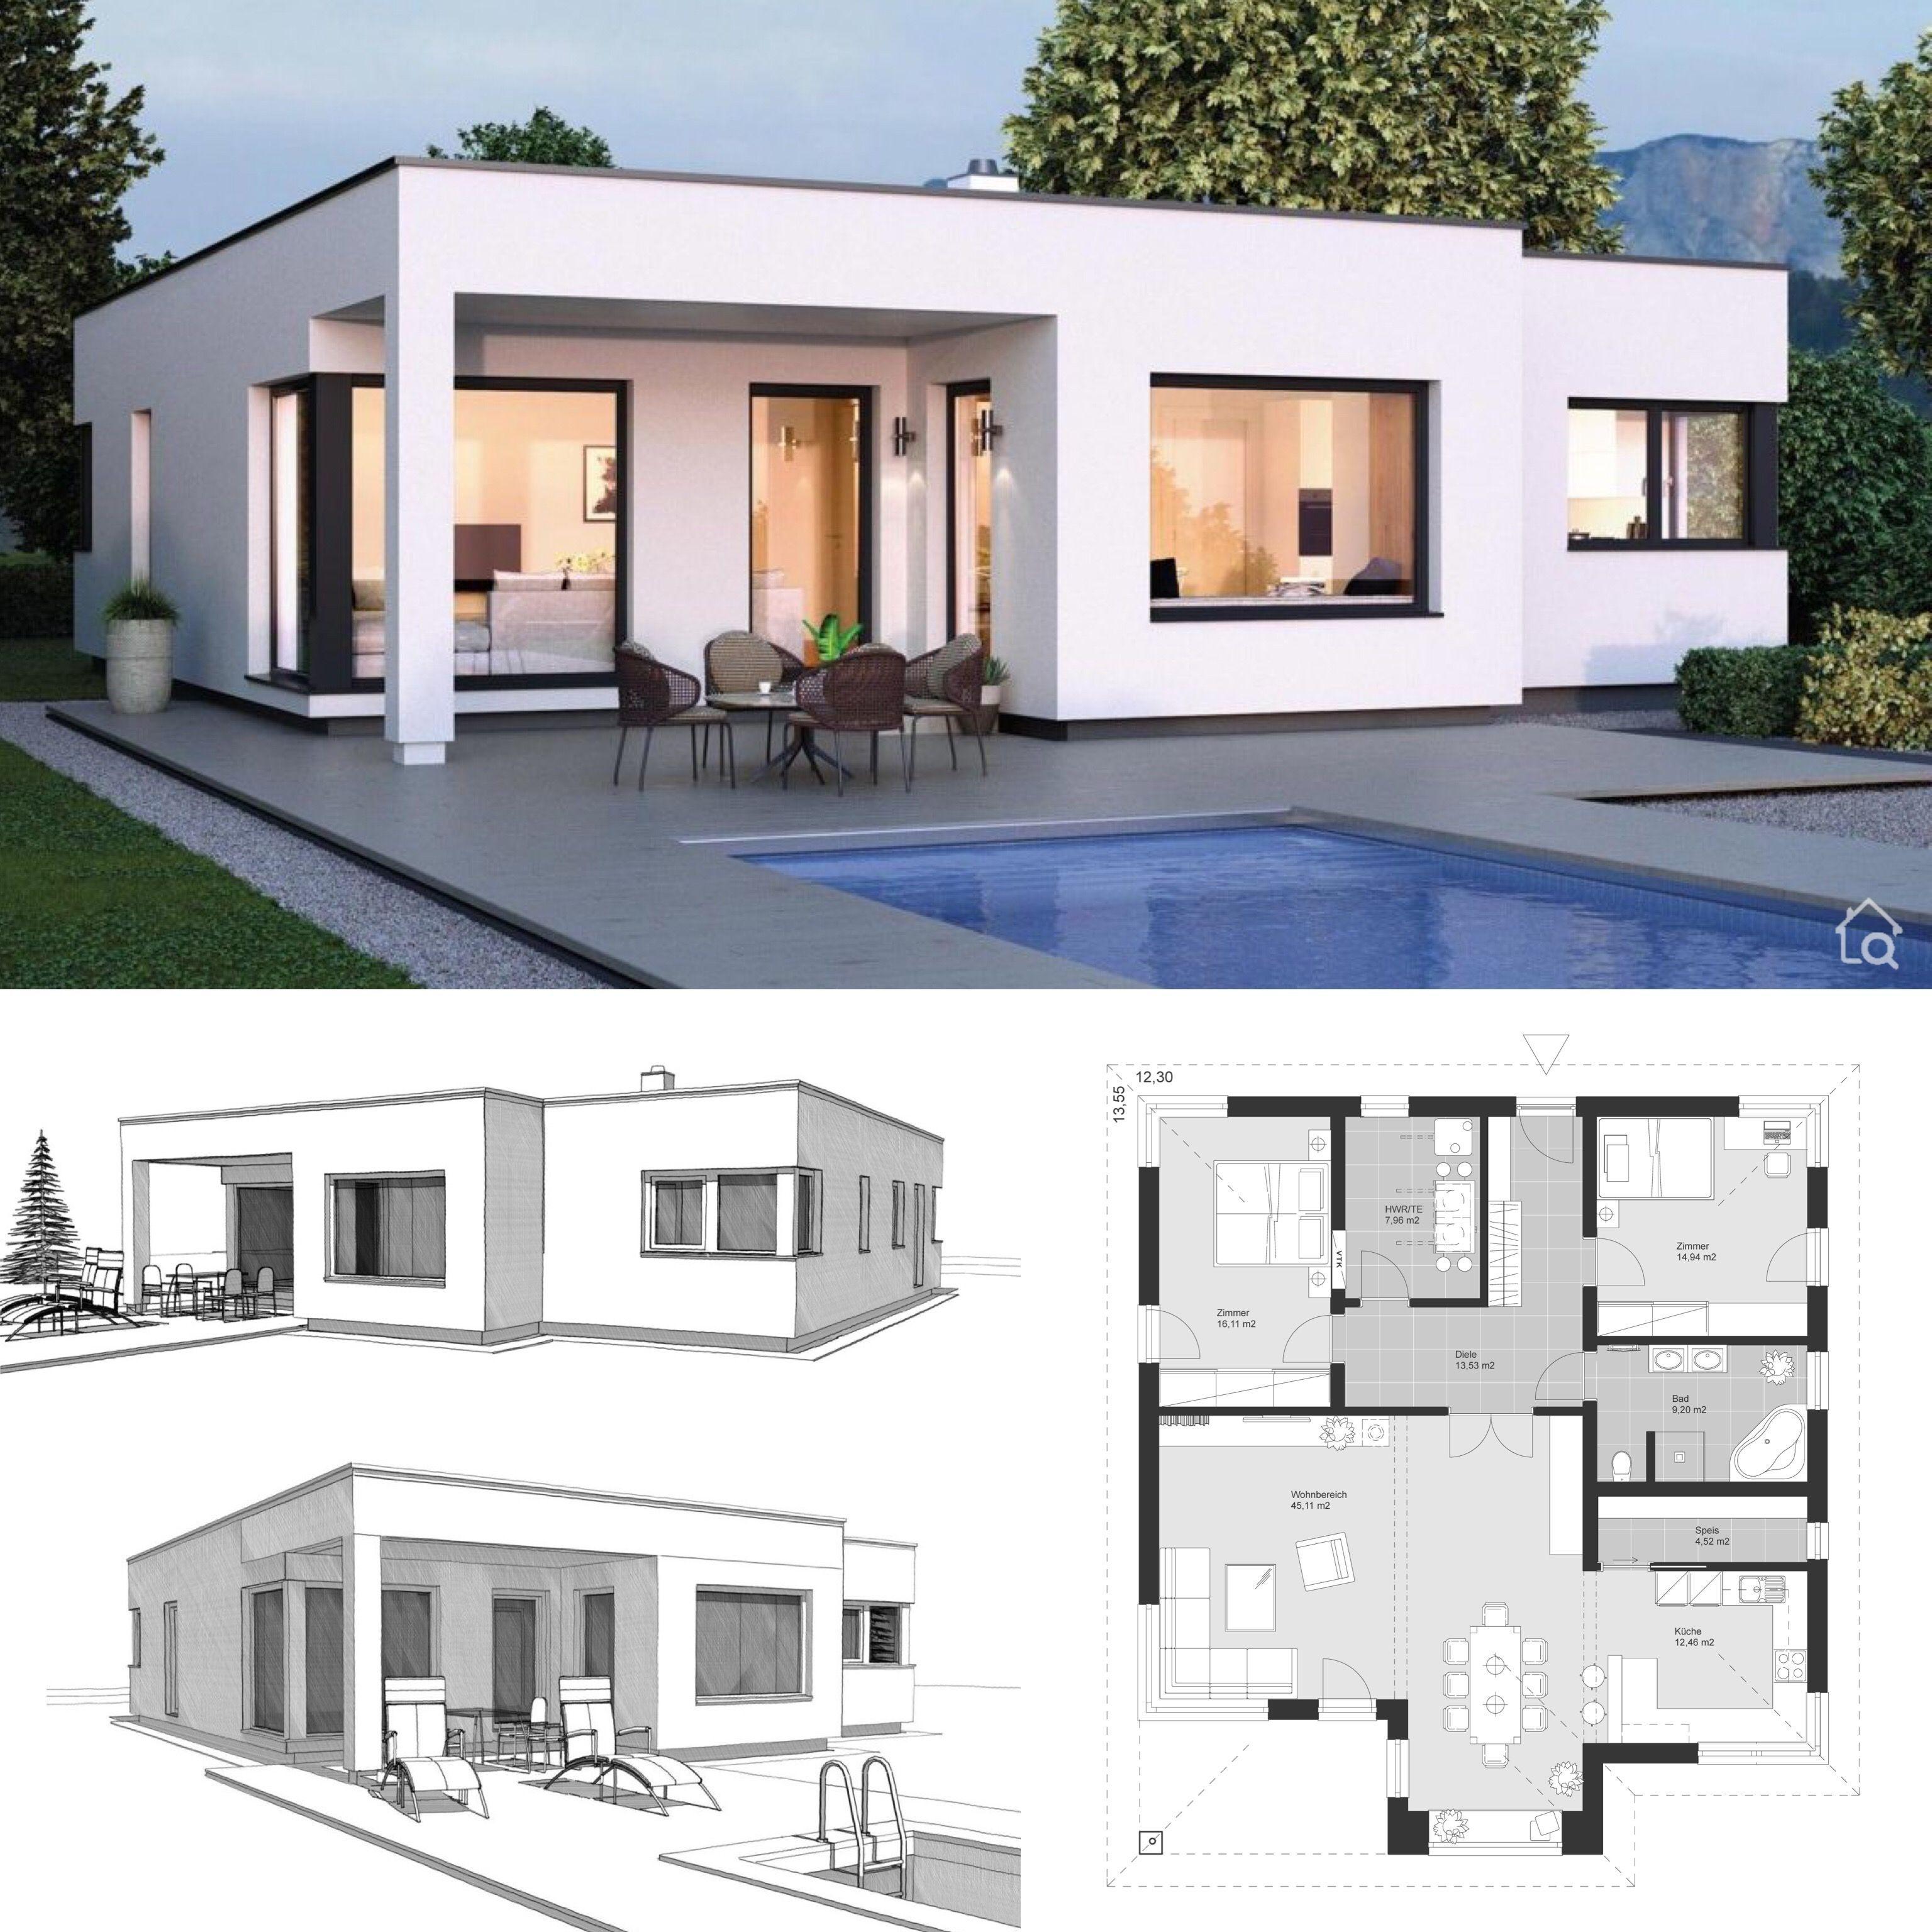 Fertighaus Bungalow modern mit Flachdach Architektur im